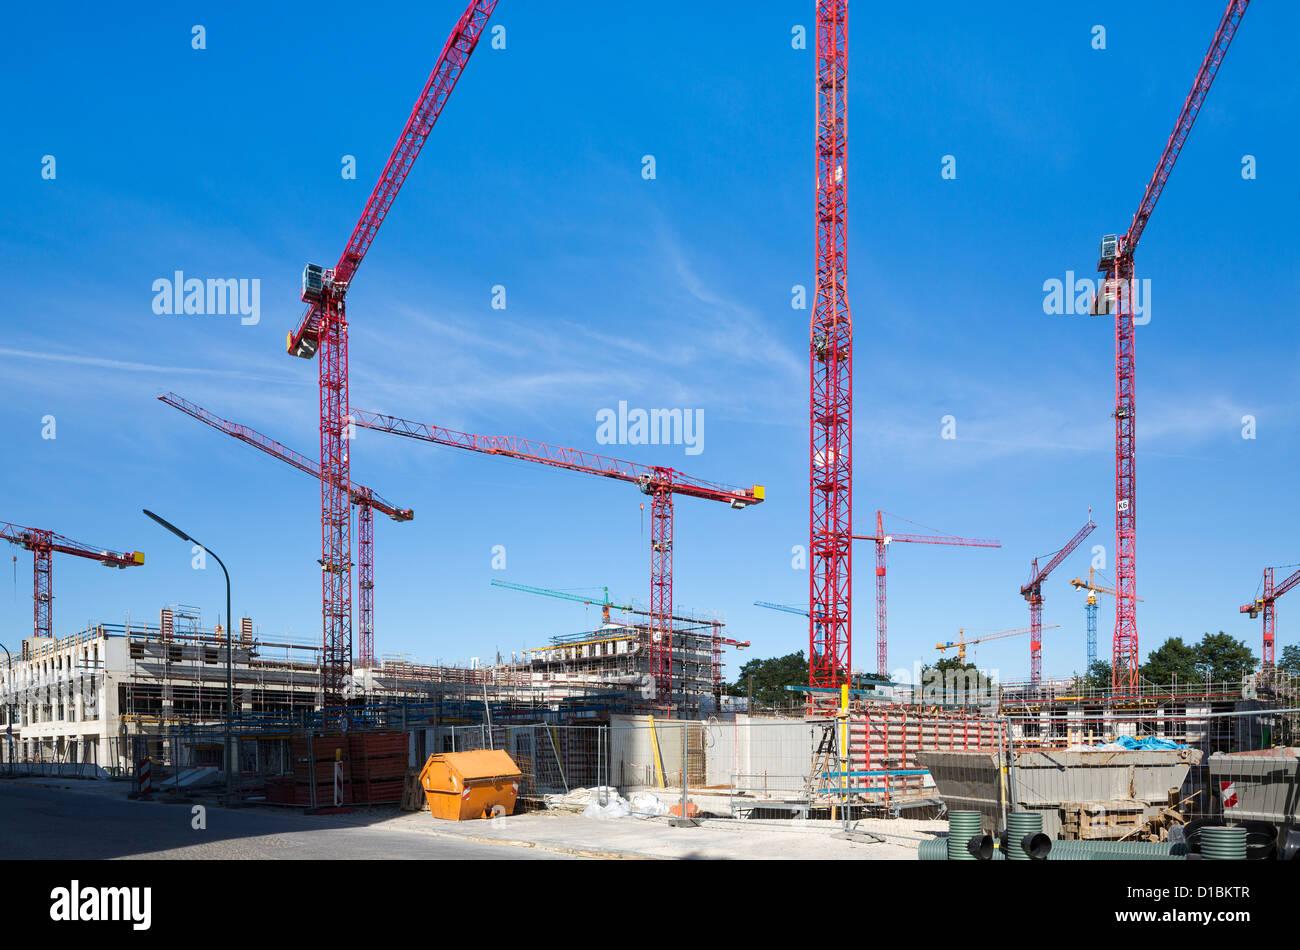 Krane auf der Baustelle Stockbild